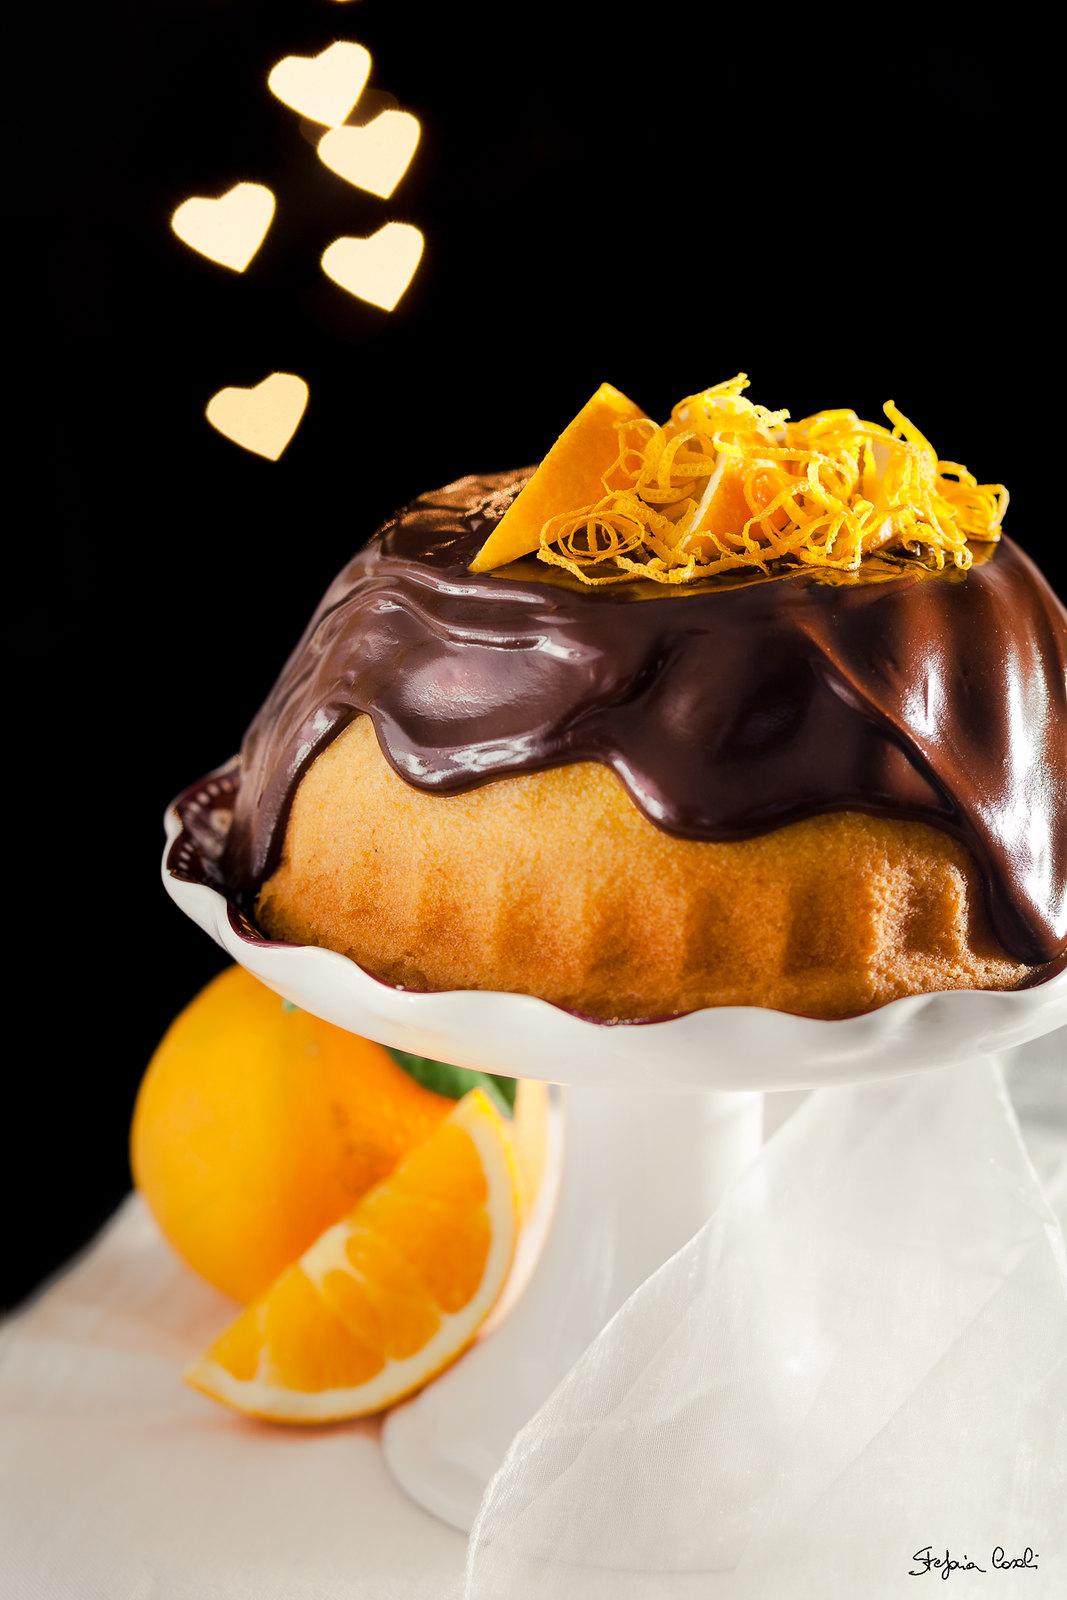 Ciambella all'arancia e cioccolato